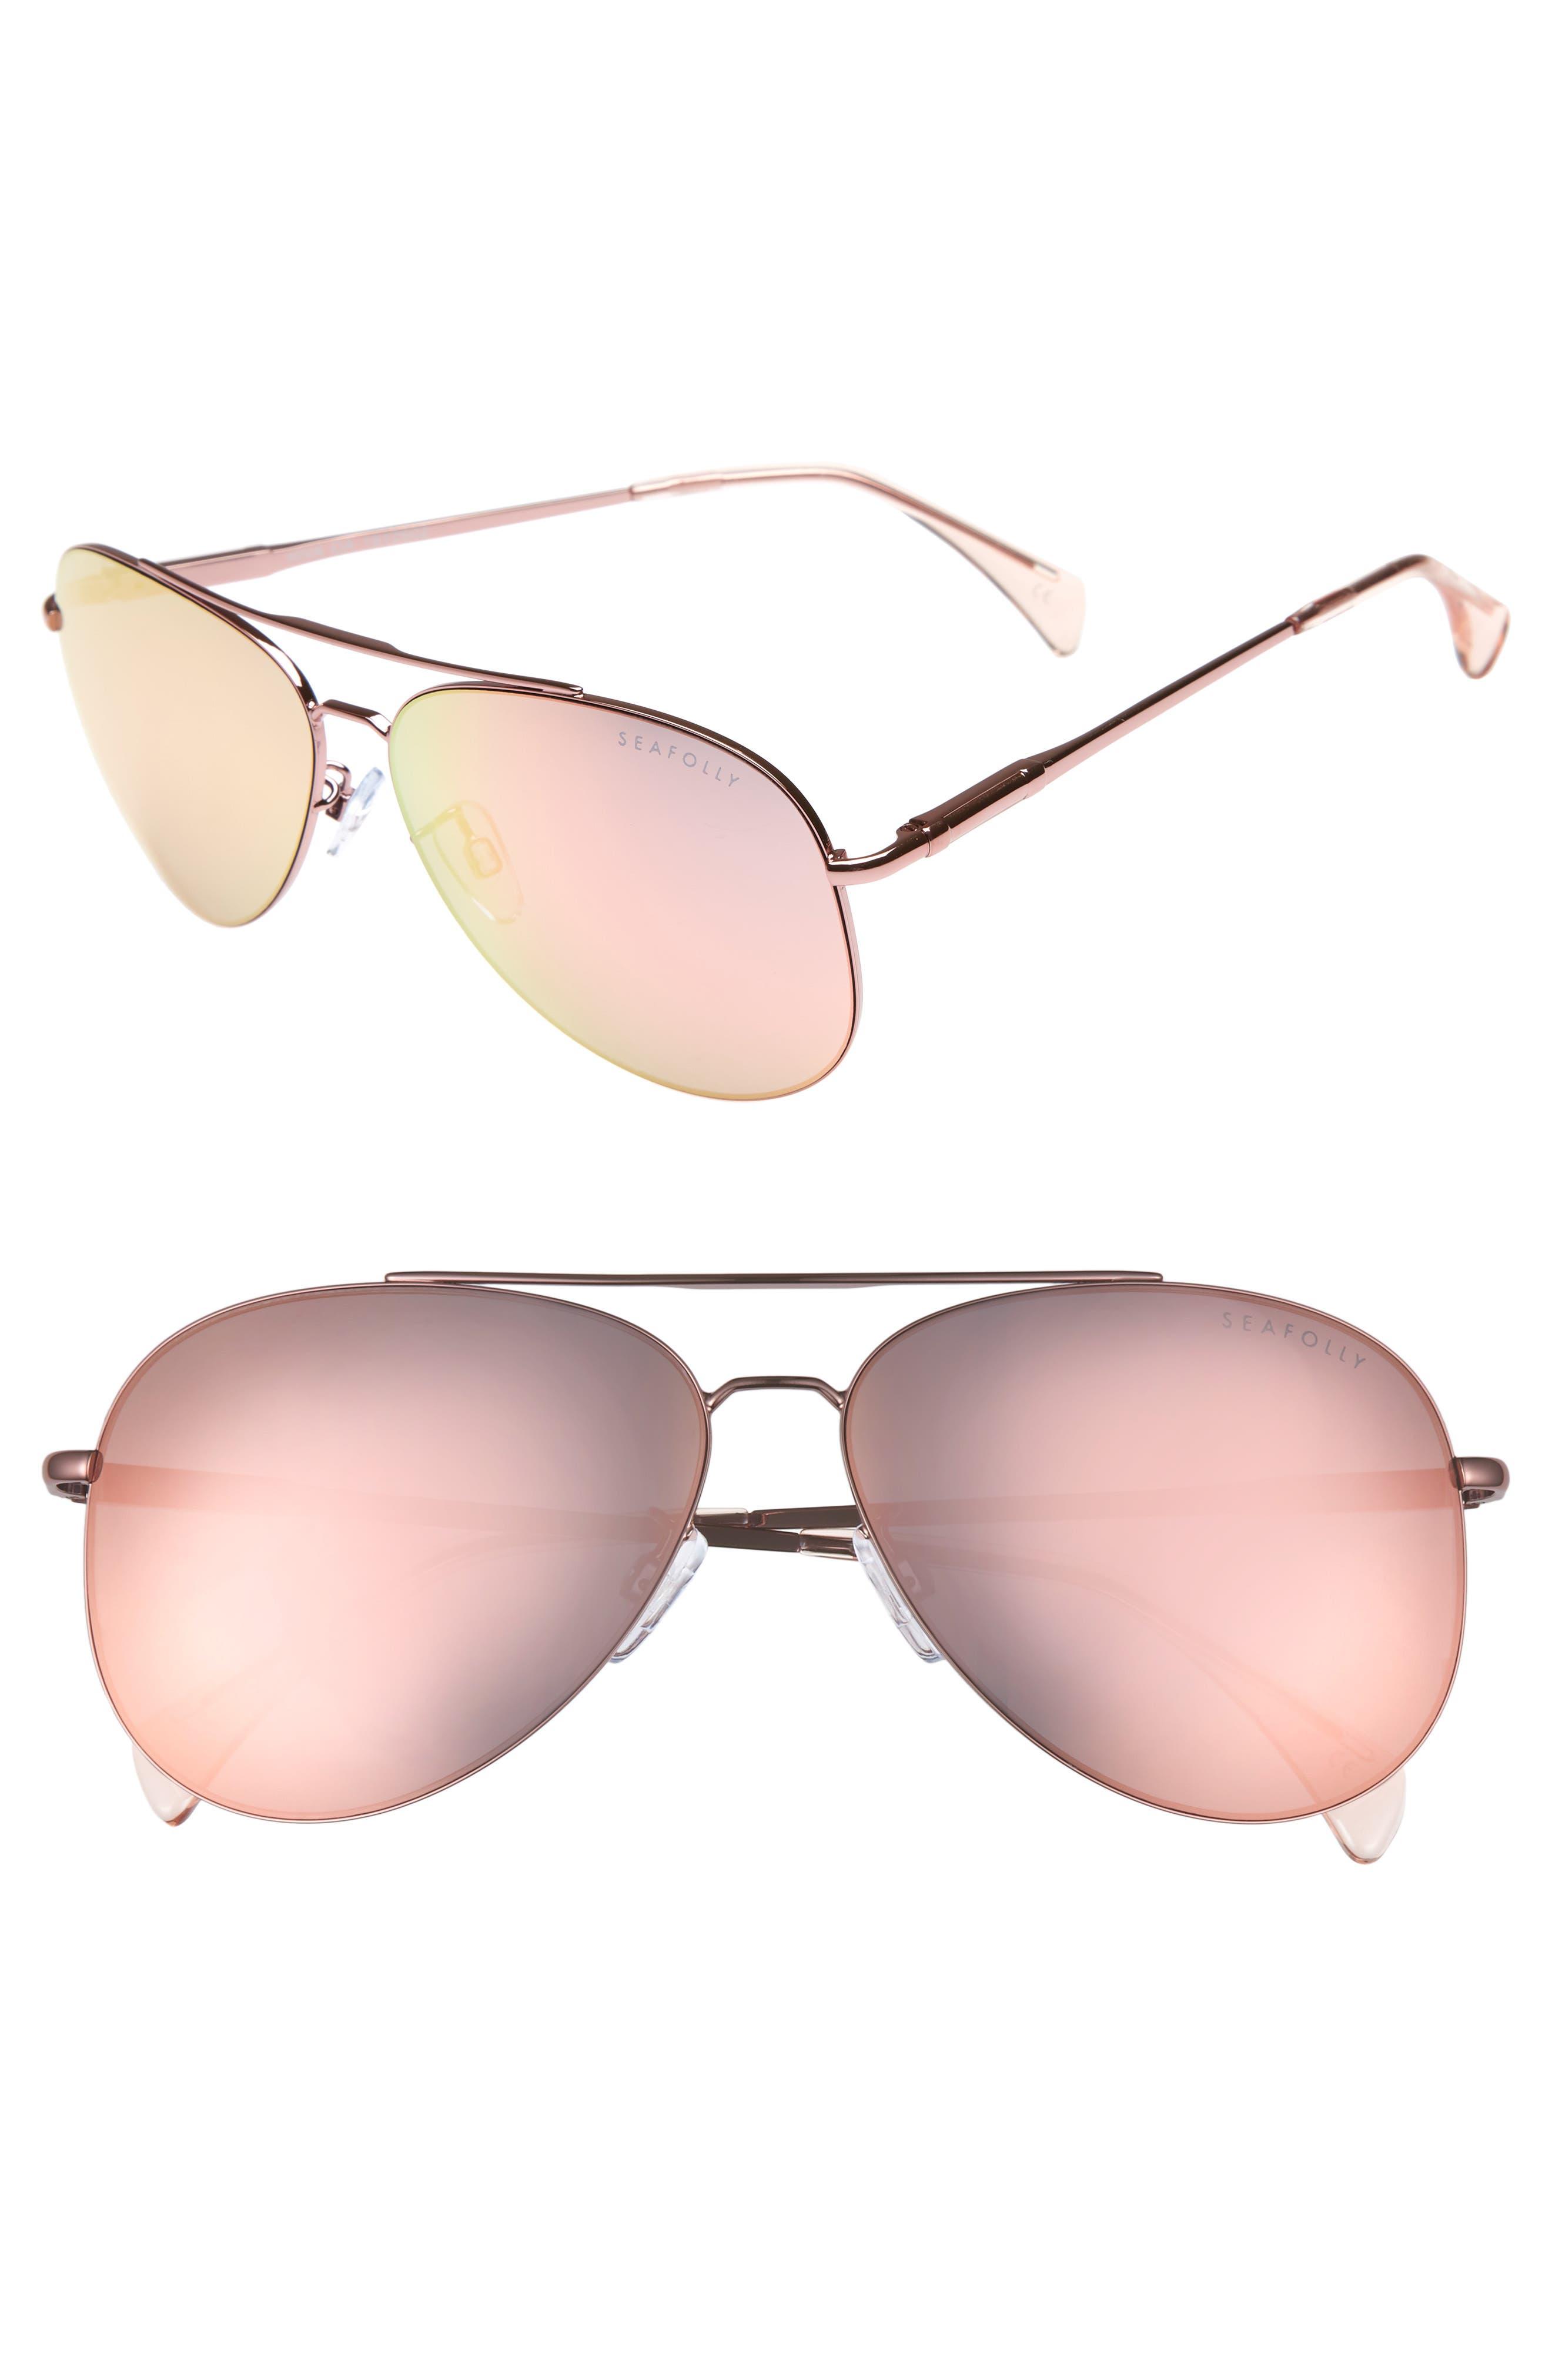 Hiva Oa 58mm Aviator Sunglasses,                             Main thumbnail 1, color,                             BALLET